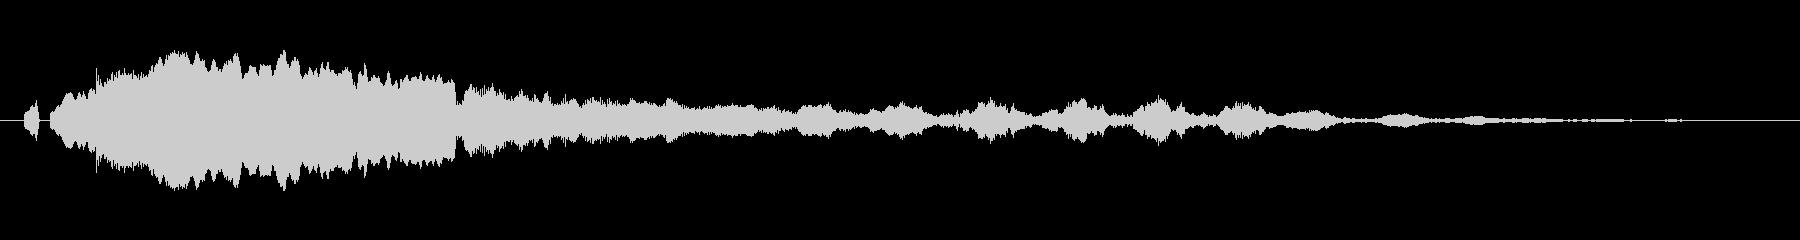 「ピーヒョロロ」鳶、とんびの鳴き声02!の未再生の波形